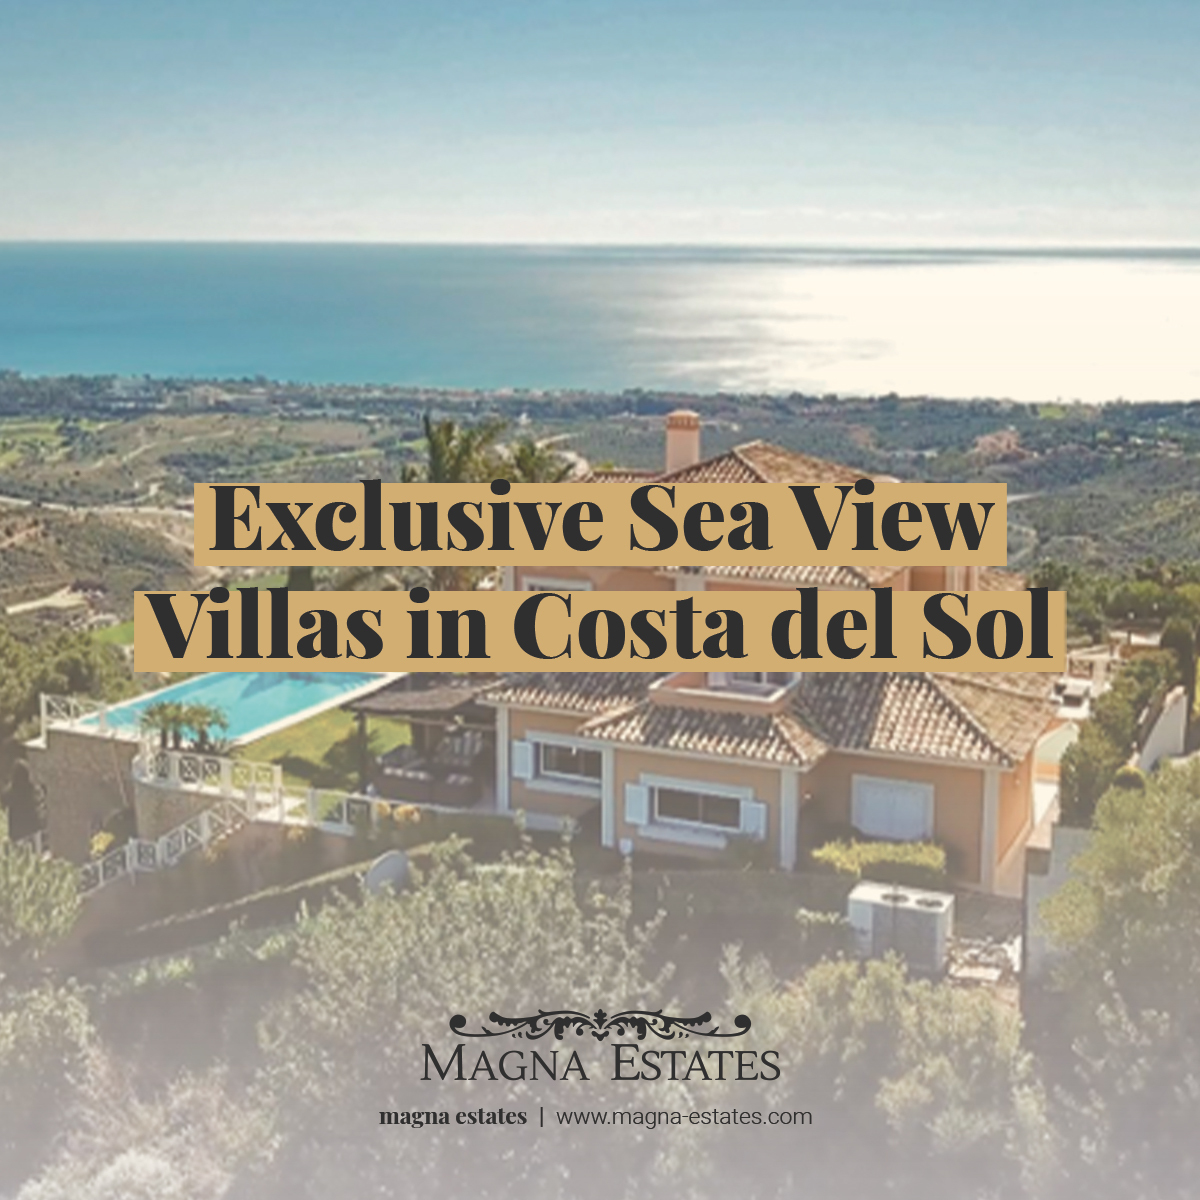 Exclusive Sea View Villas in Costa del Sol